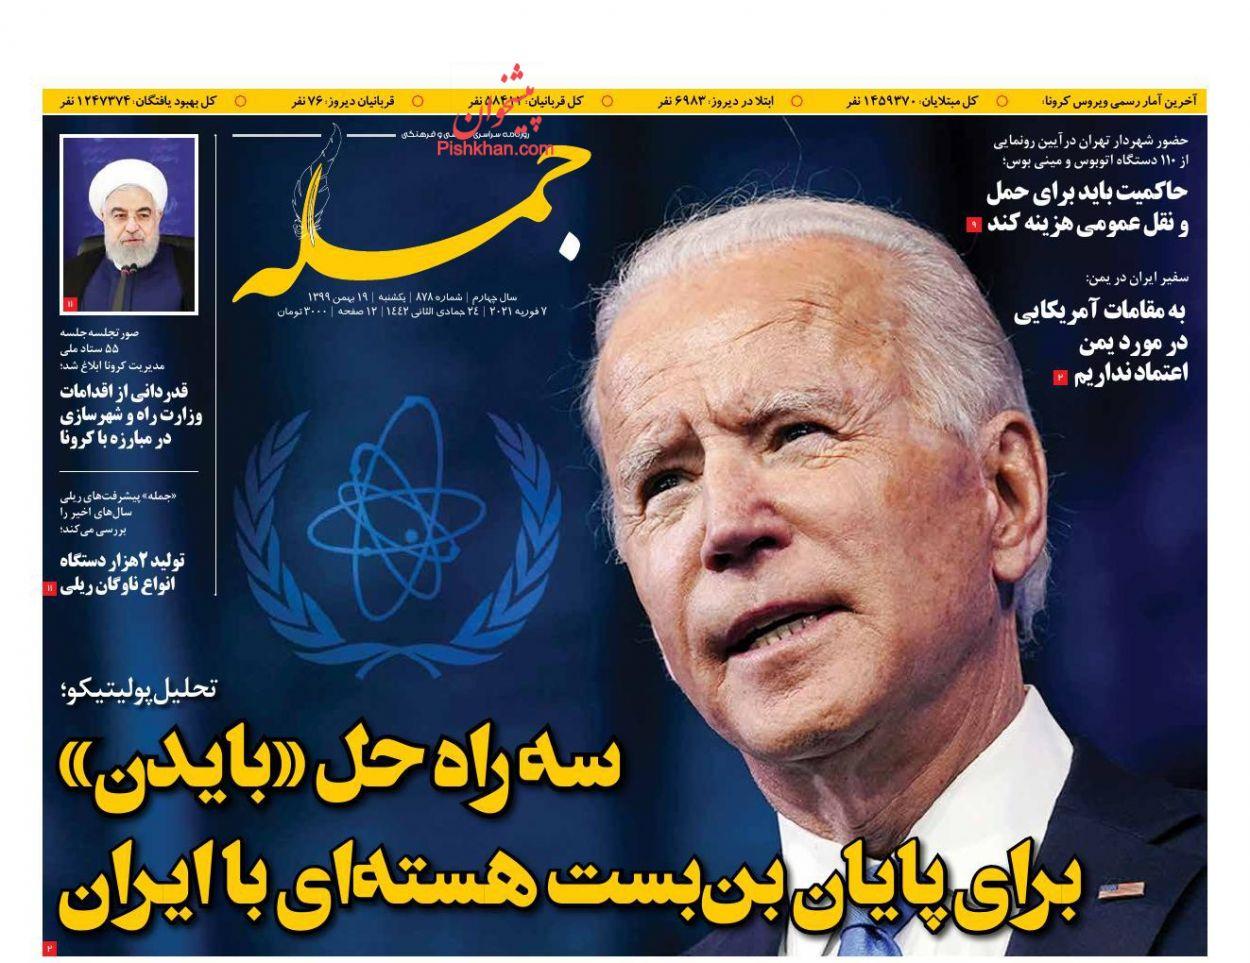 عناوین اخبار روزنامه جمله در روز یکشنبه ۱۹ بهمن